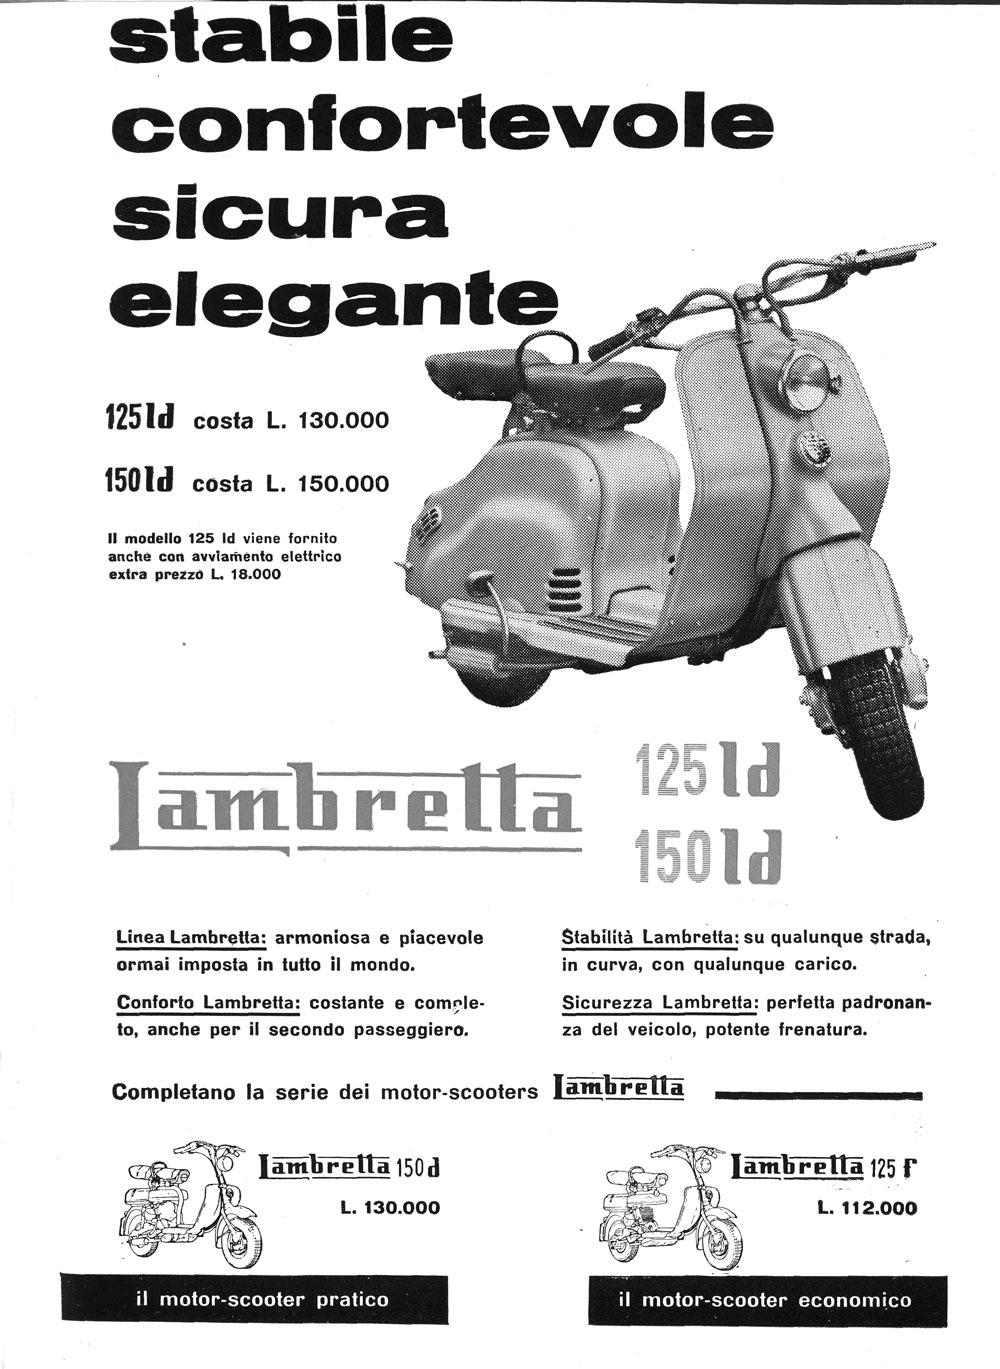 """Pubblicità della Lambretta su """"Via"""" (1956), rivista edita dall'Automobile Club di Milano (fonte: ACI)"""